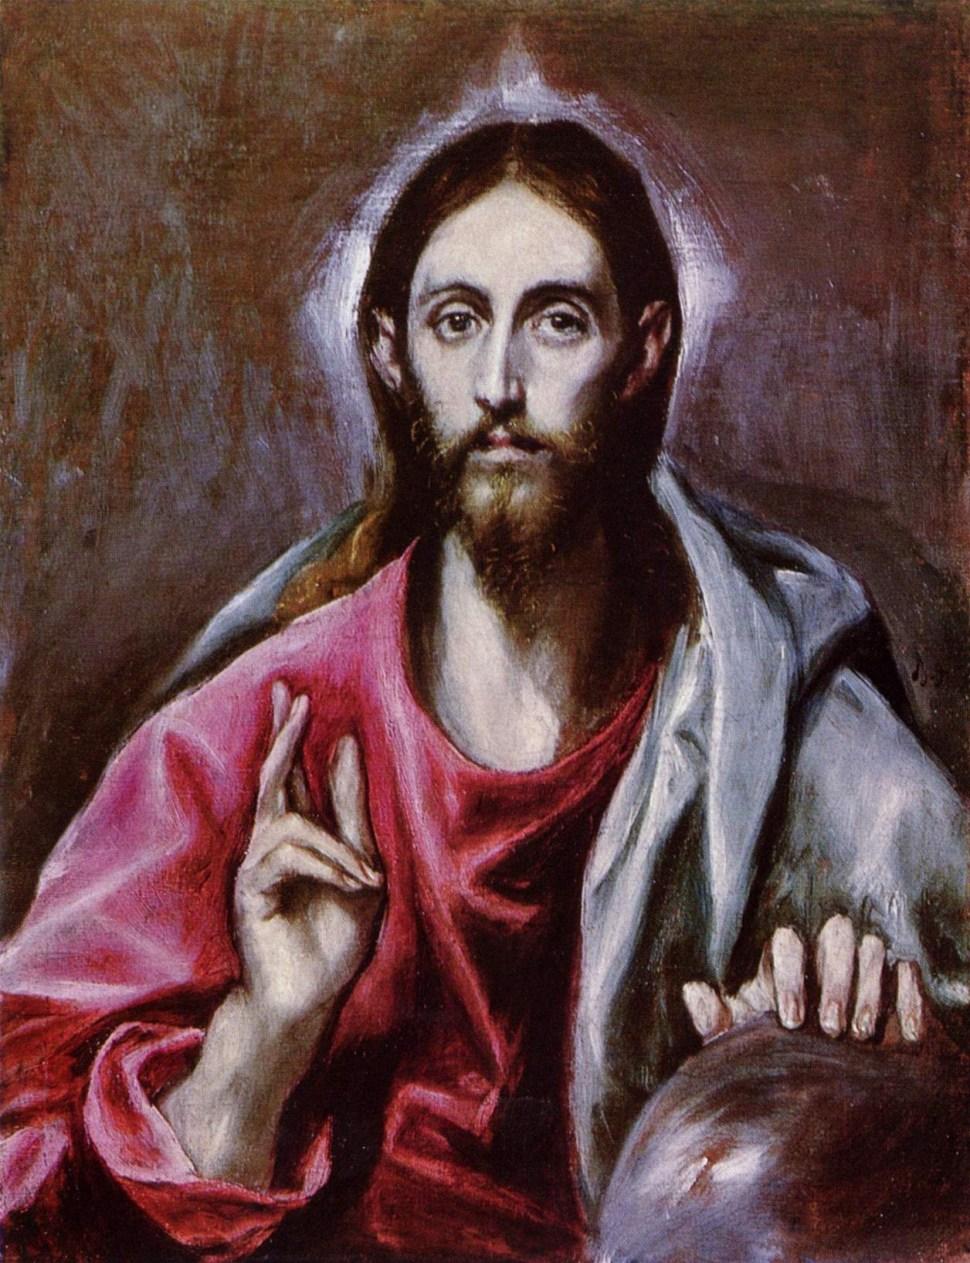 Jesucristo Islam cristo